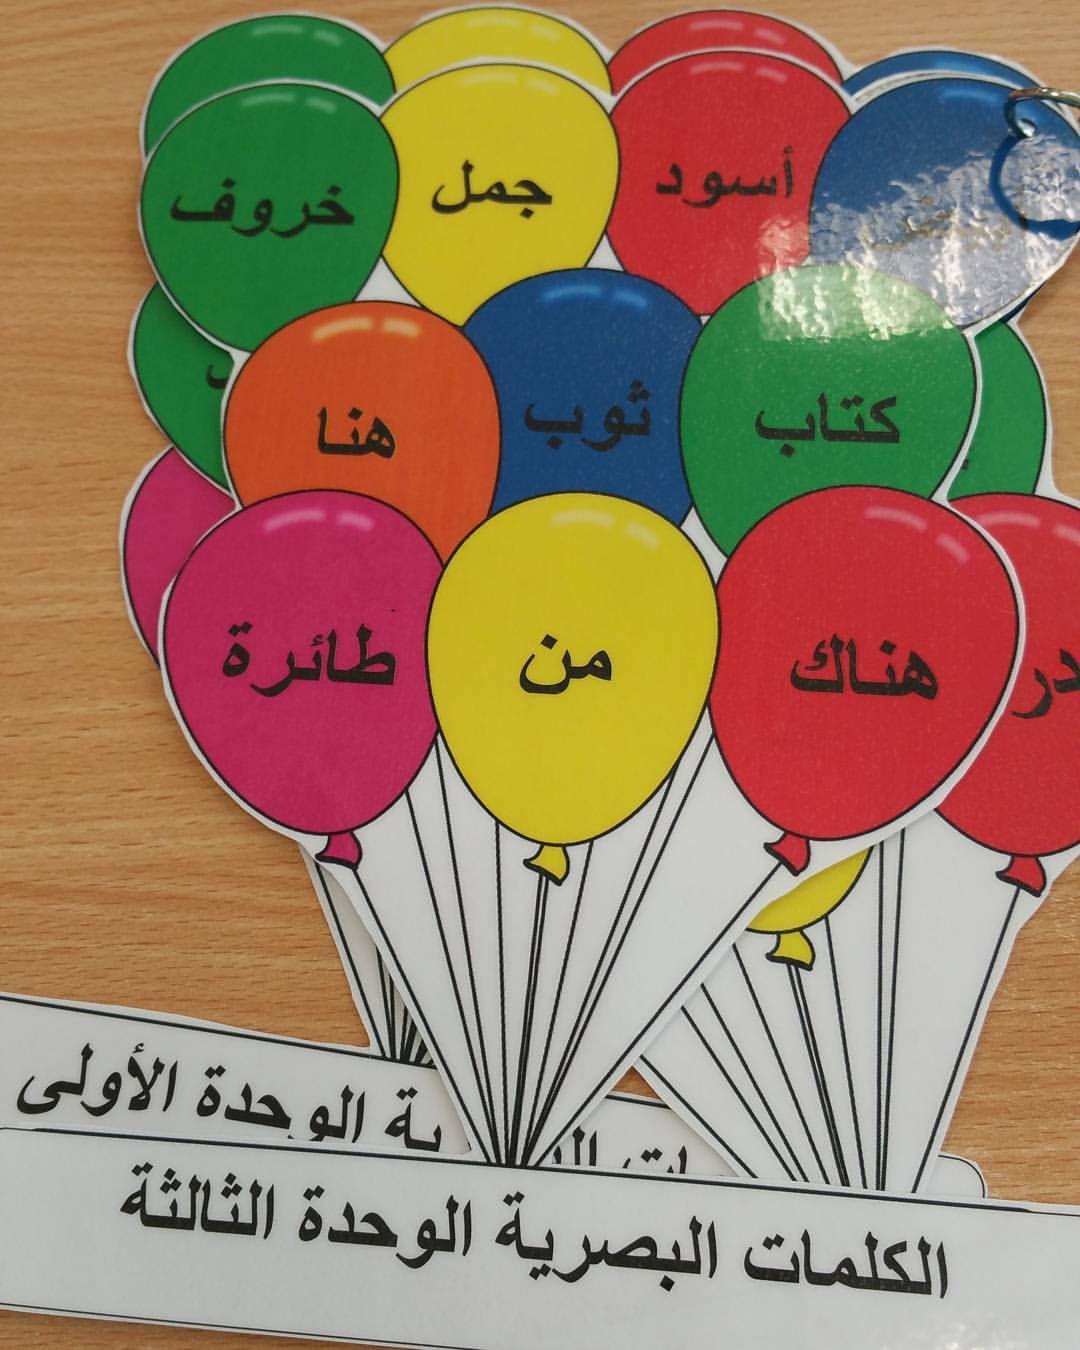 جميلة الشمري On Instagram الكلمات البصرية يعطى الطالب في كل وحدة مجموعة من Arabic Alphabet For Kids Alphabet For Kids Learning Arabic